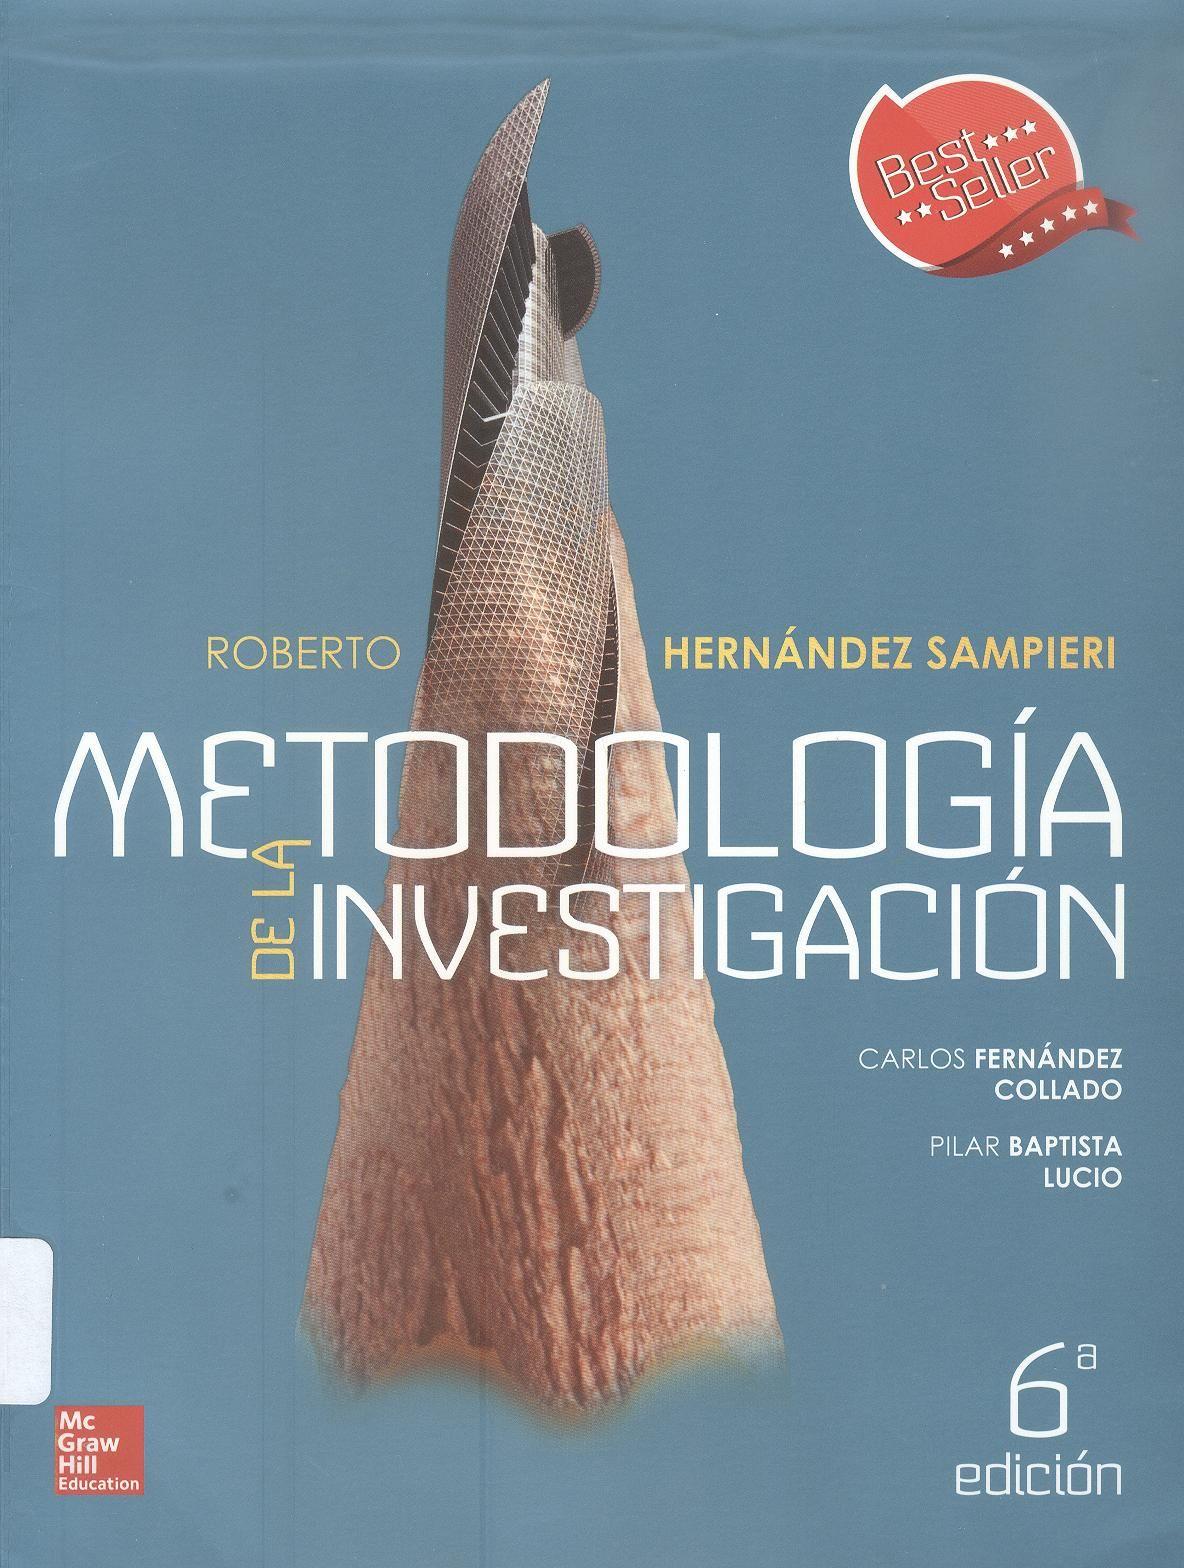 Hernández Sampieri, Roberto /Fernández Collado, Carlos /Baptista Lucio, Pilar. Metodología de la investigación 6ª ed. 3 ejemplares